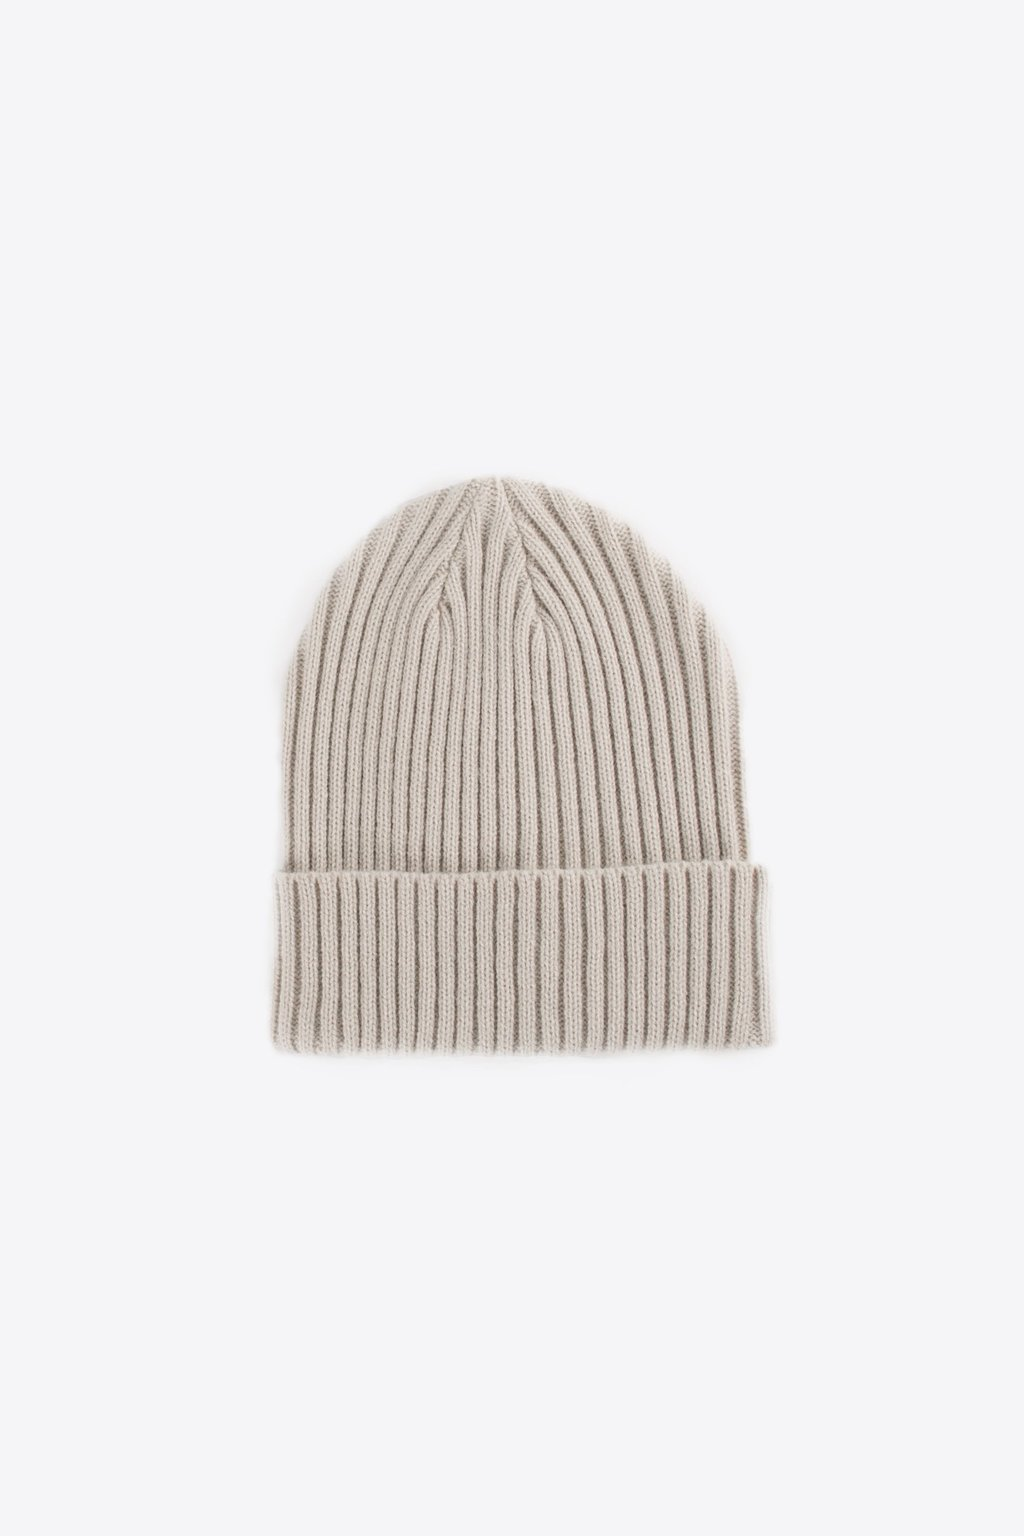 Hat 97023 Cream 4